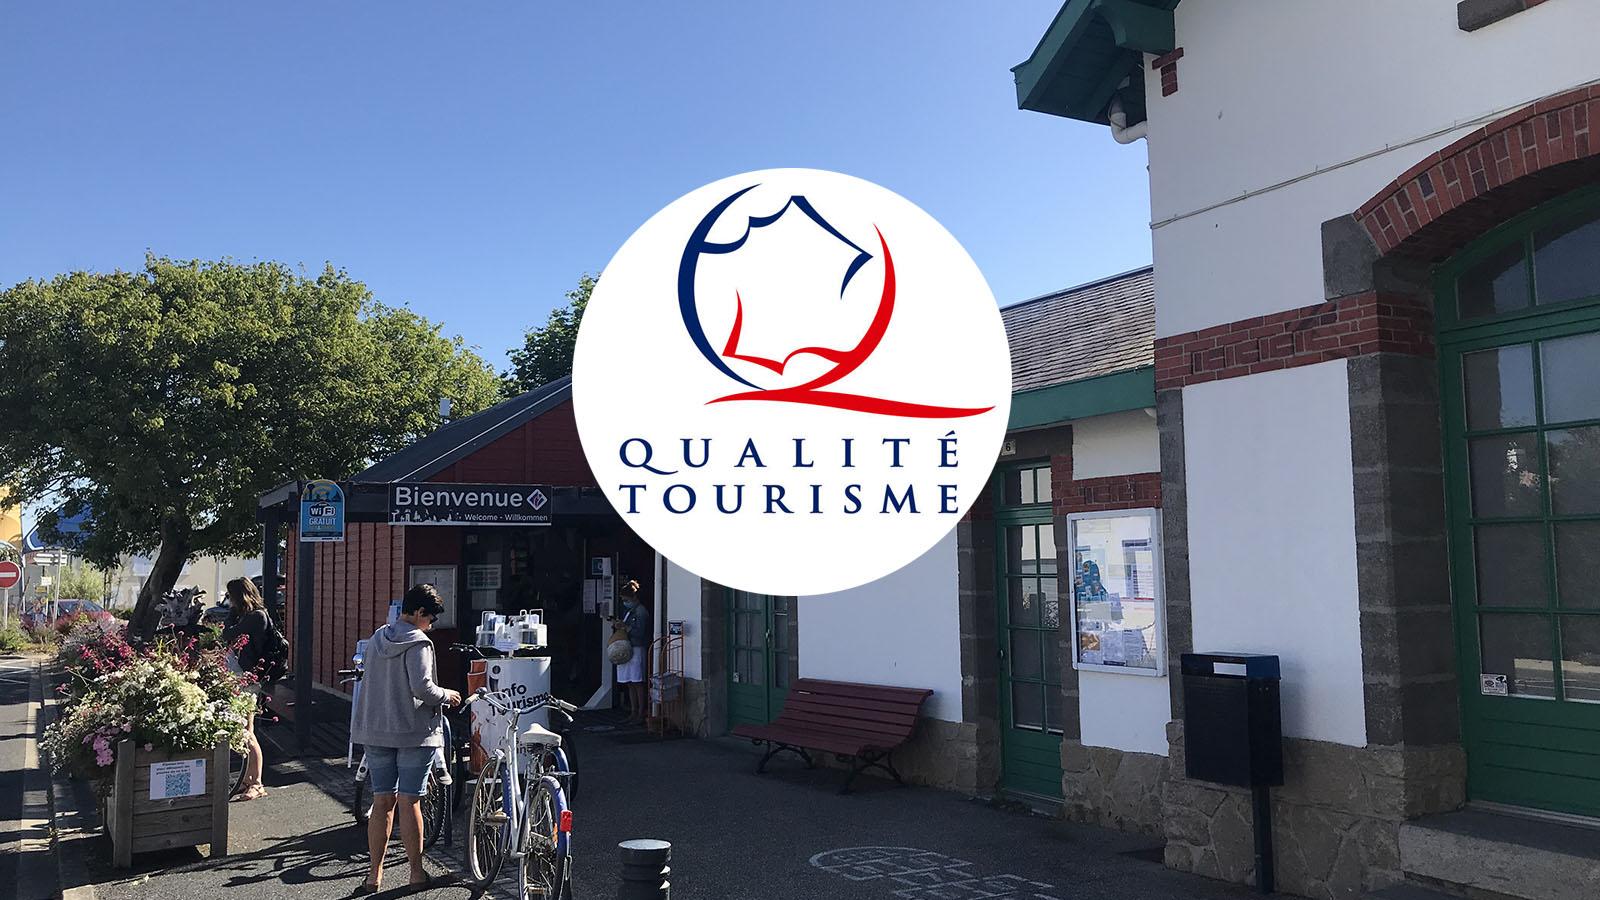 QUALITÉ TOURISME GÜTESIEGEL